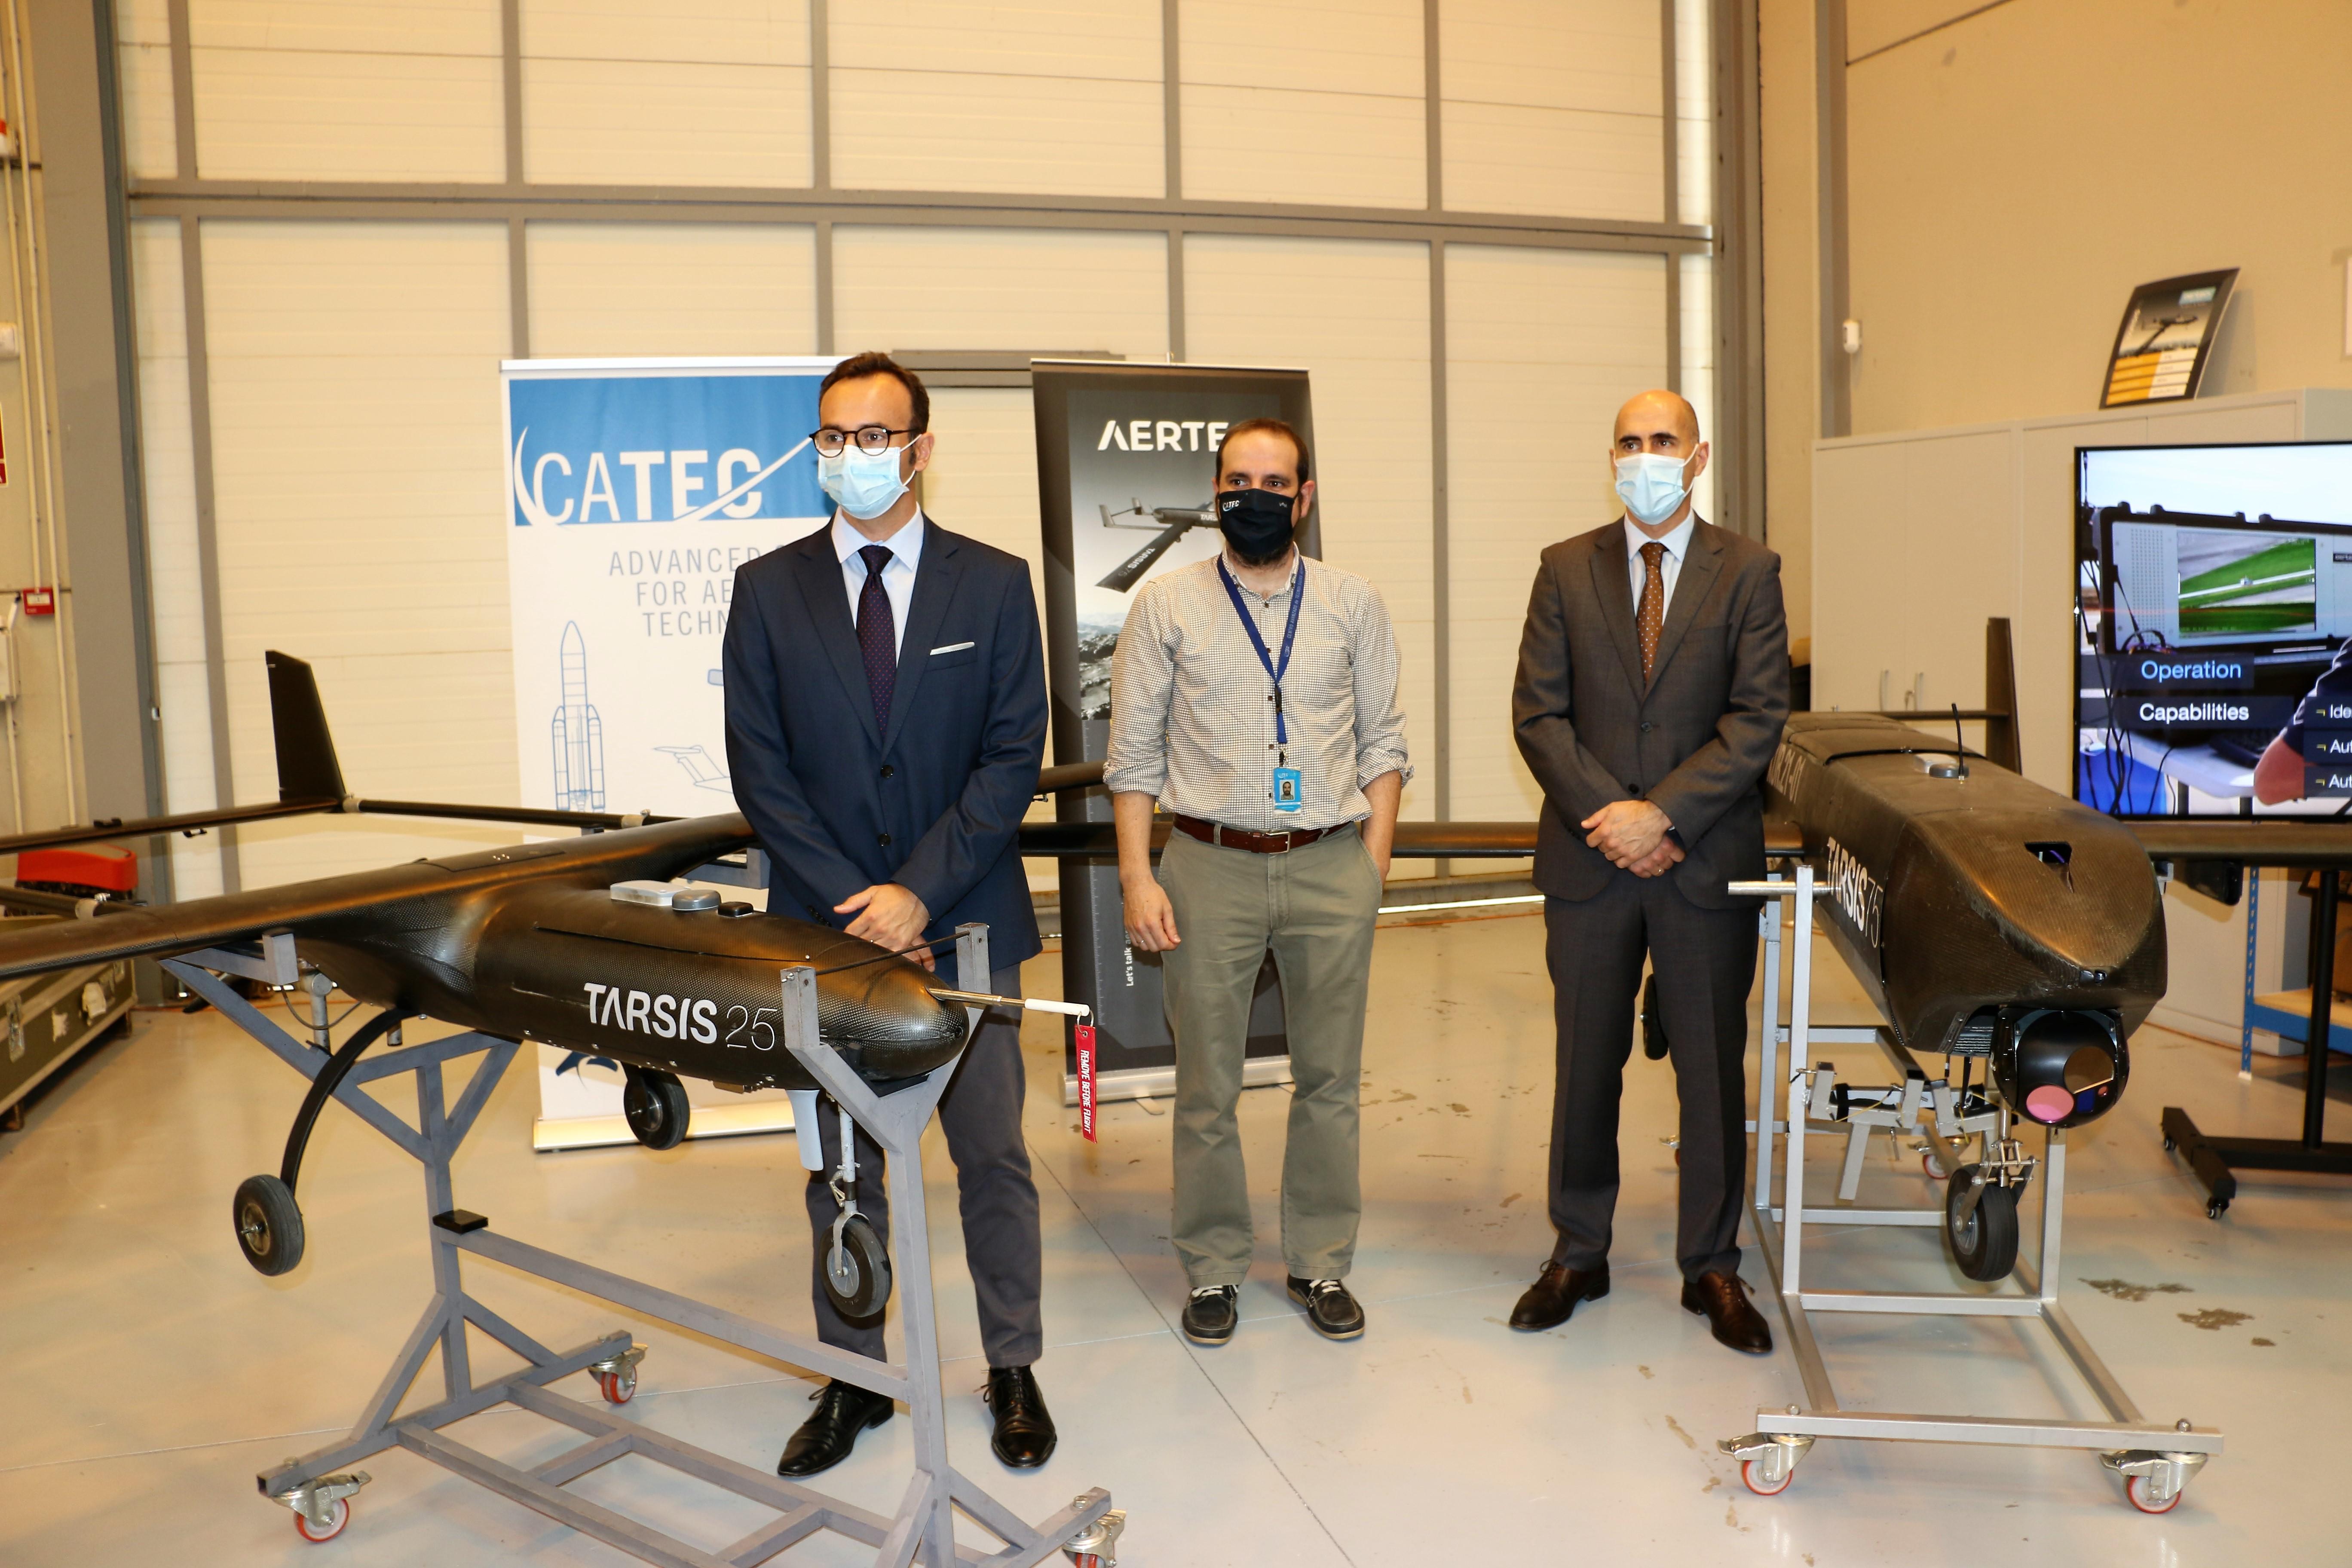 NOTA DE PRENSA: AERTEC y el CATEC se alían para el impulso tecnológico del sector de los UAS en Andalucía